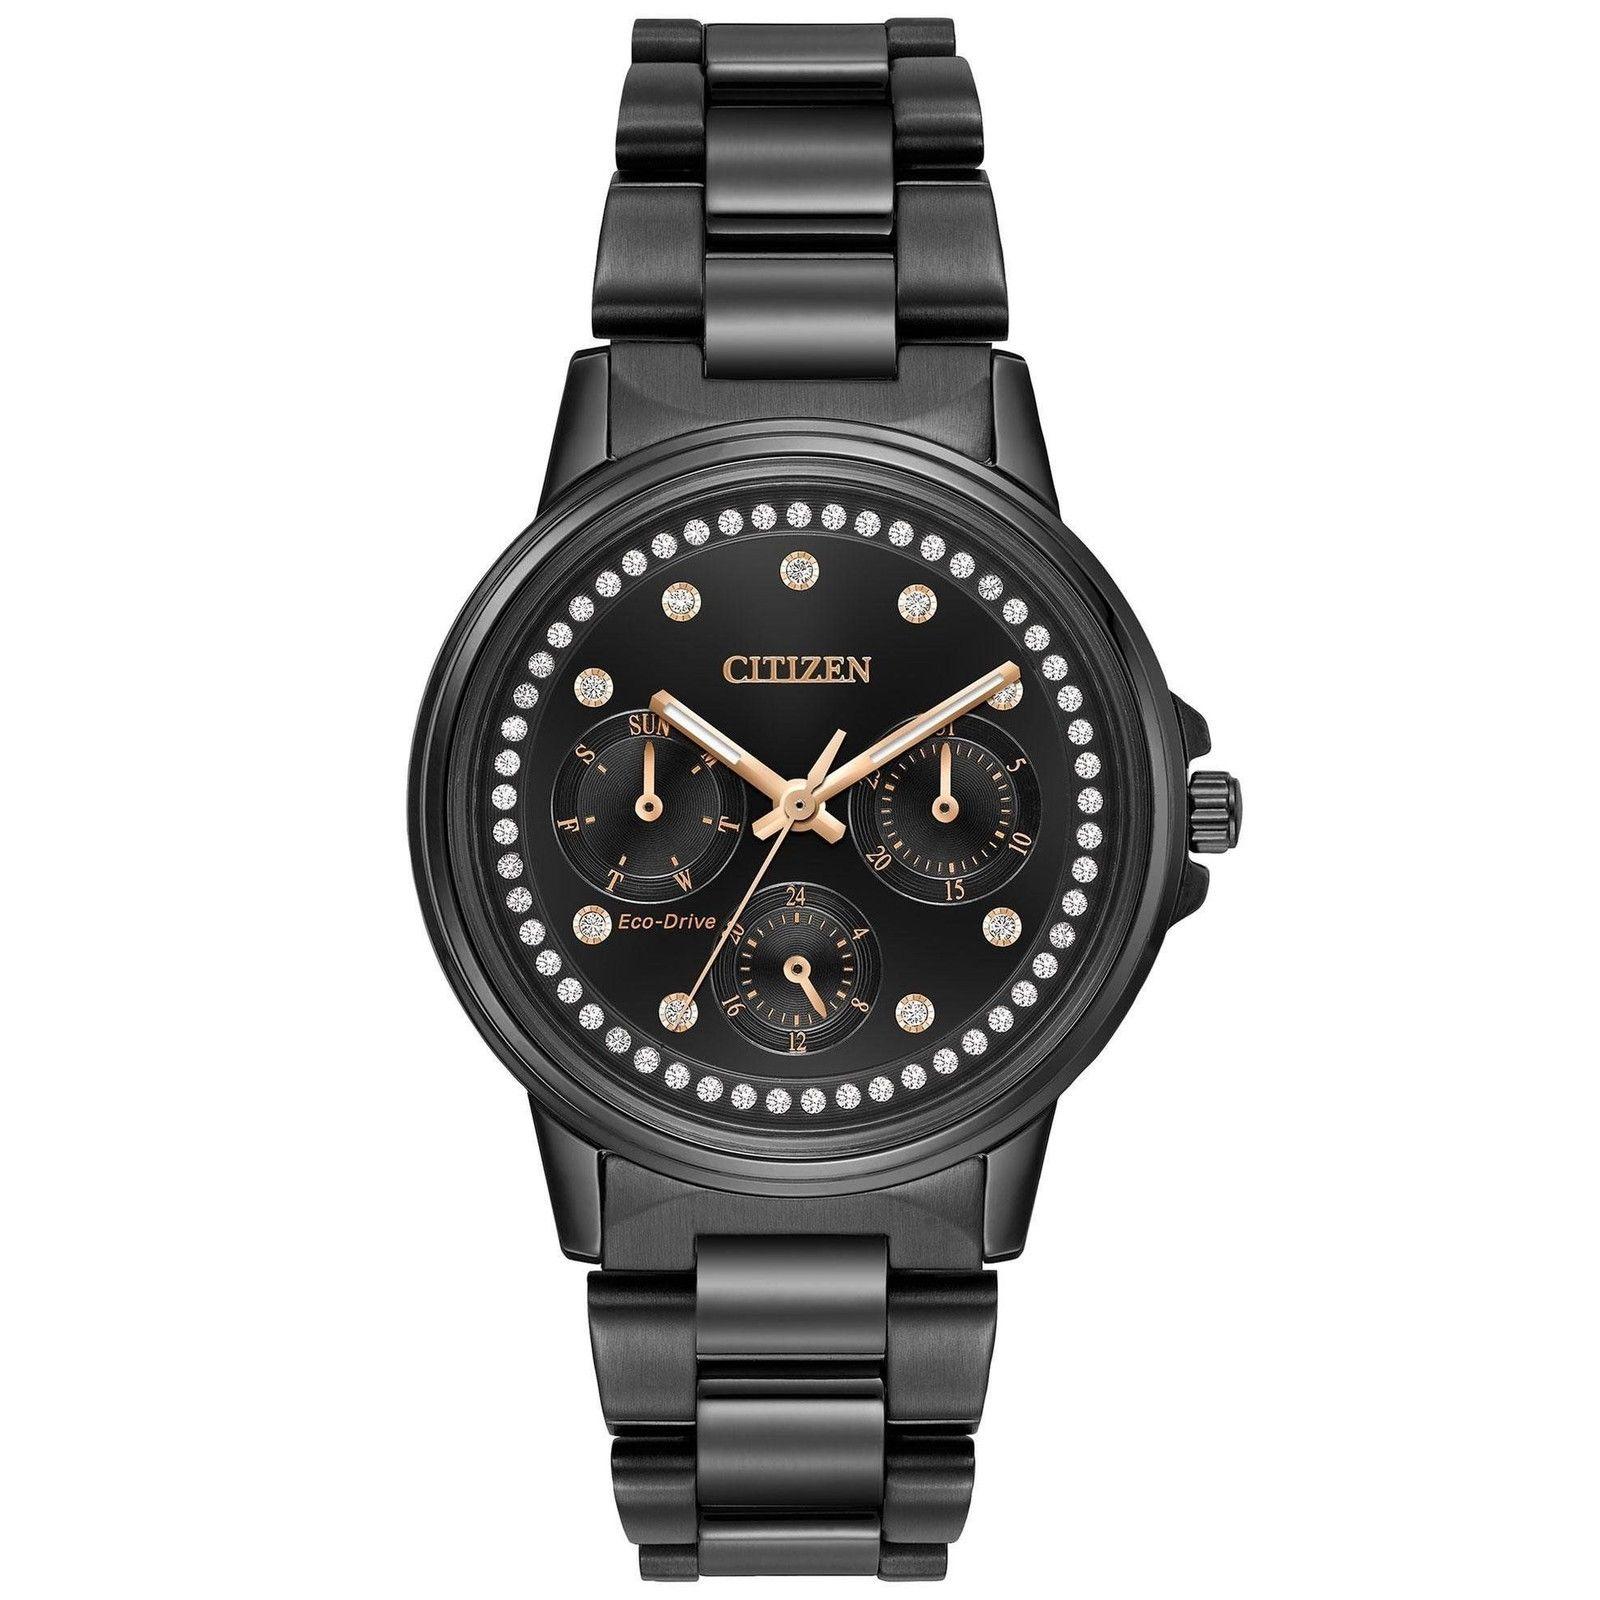 นาฬิกาผู้หญิง Citizen Eco-Drive รุ่น FD2047-58E